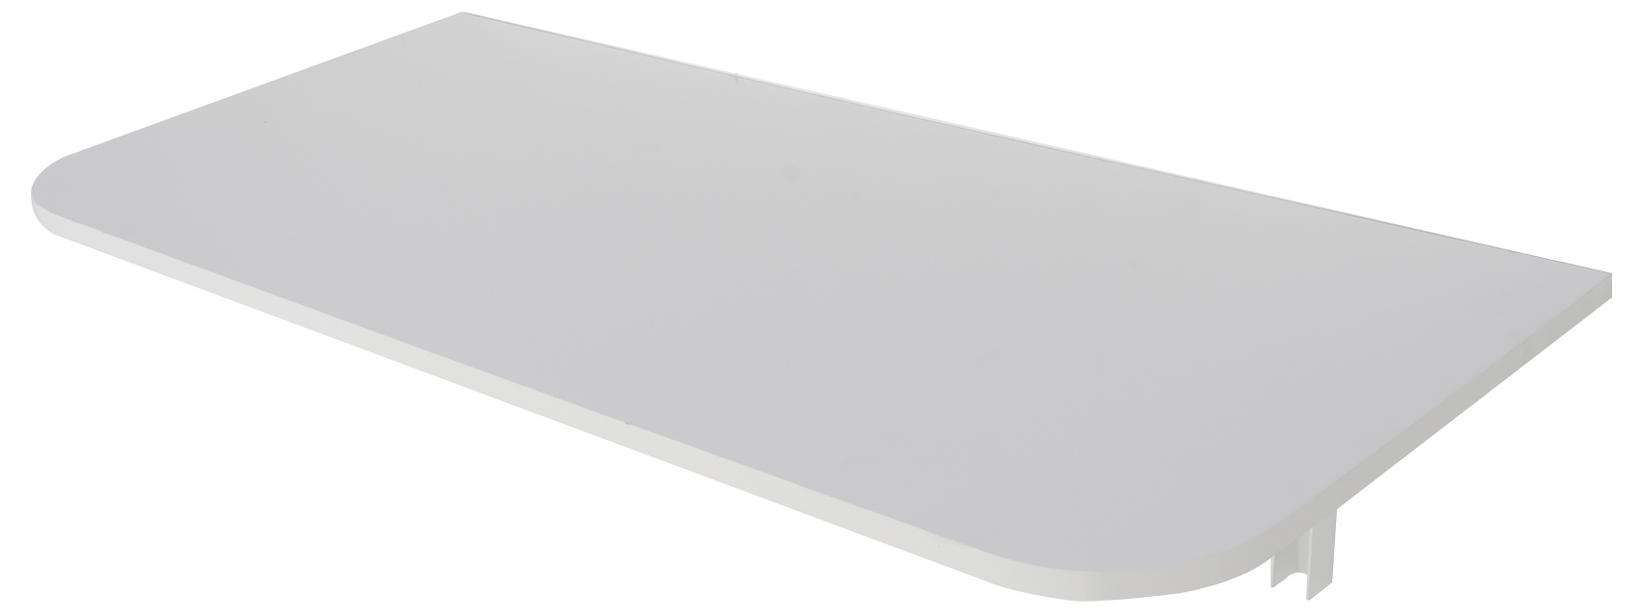 Mesa Dobravel de Parede 50 x 40 cm com Suporte BR